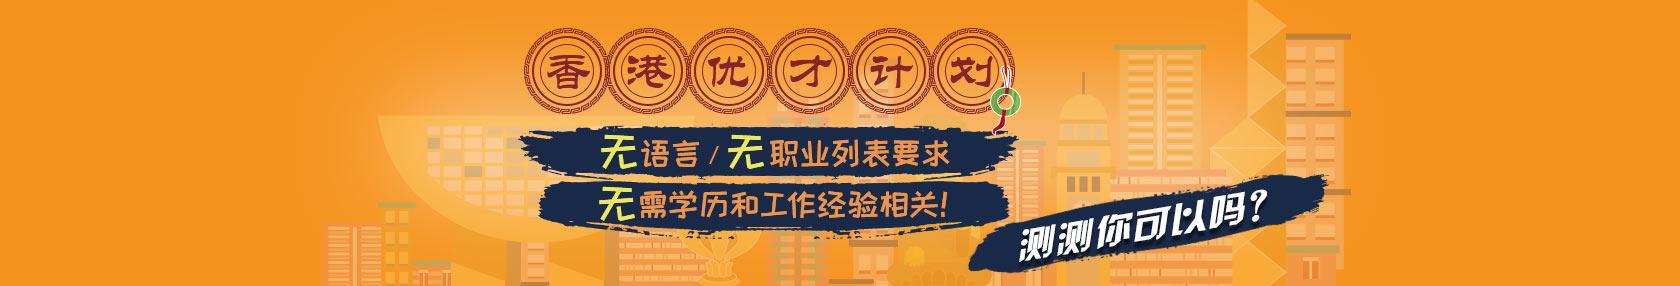 香港优才计划申请条件简单零投资无语言、职业列表要求,无需学历和工作经验相关